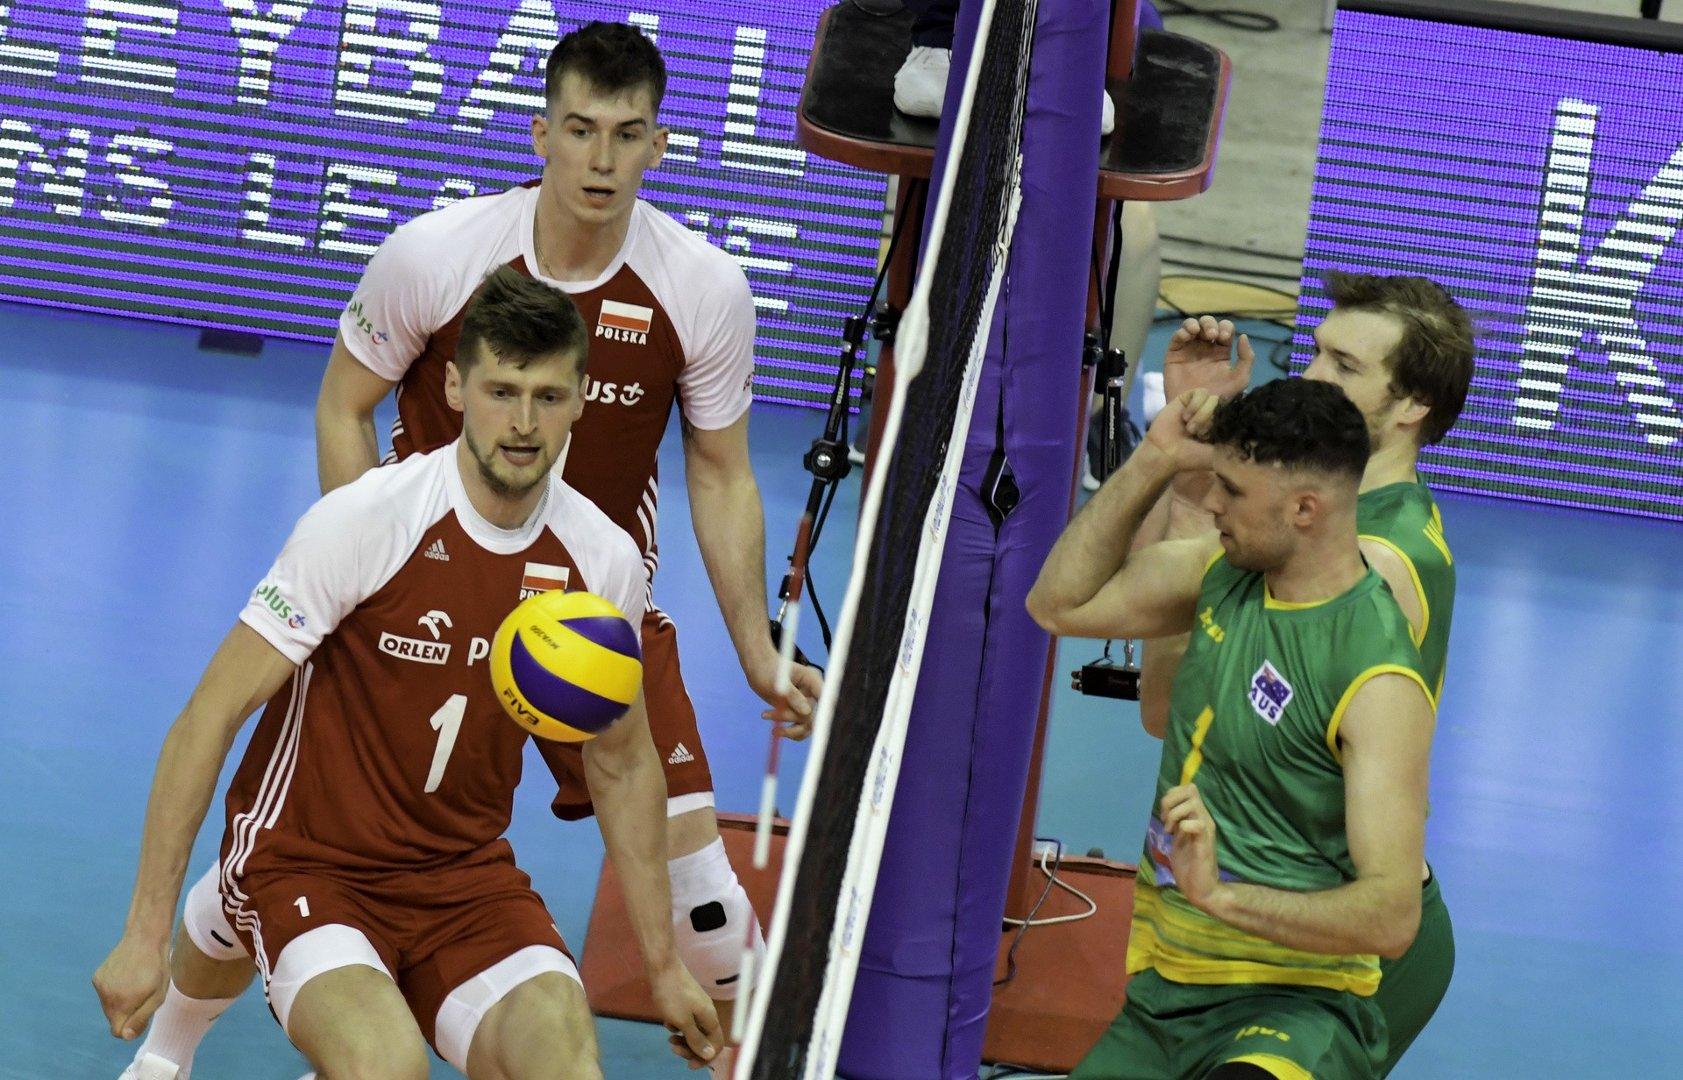 d440803b1 Polska - Australia, siatkarska Liga Narodów 2019. Relacja i wynik ...